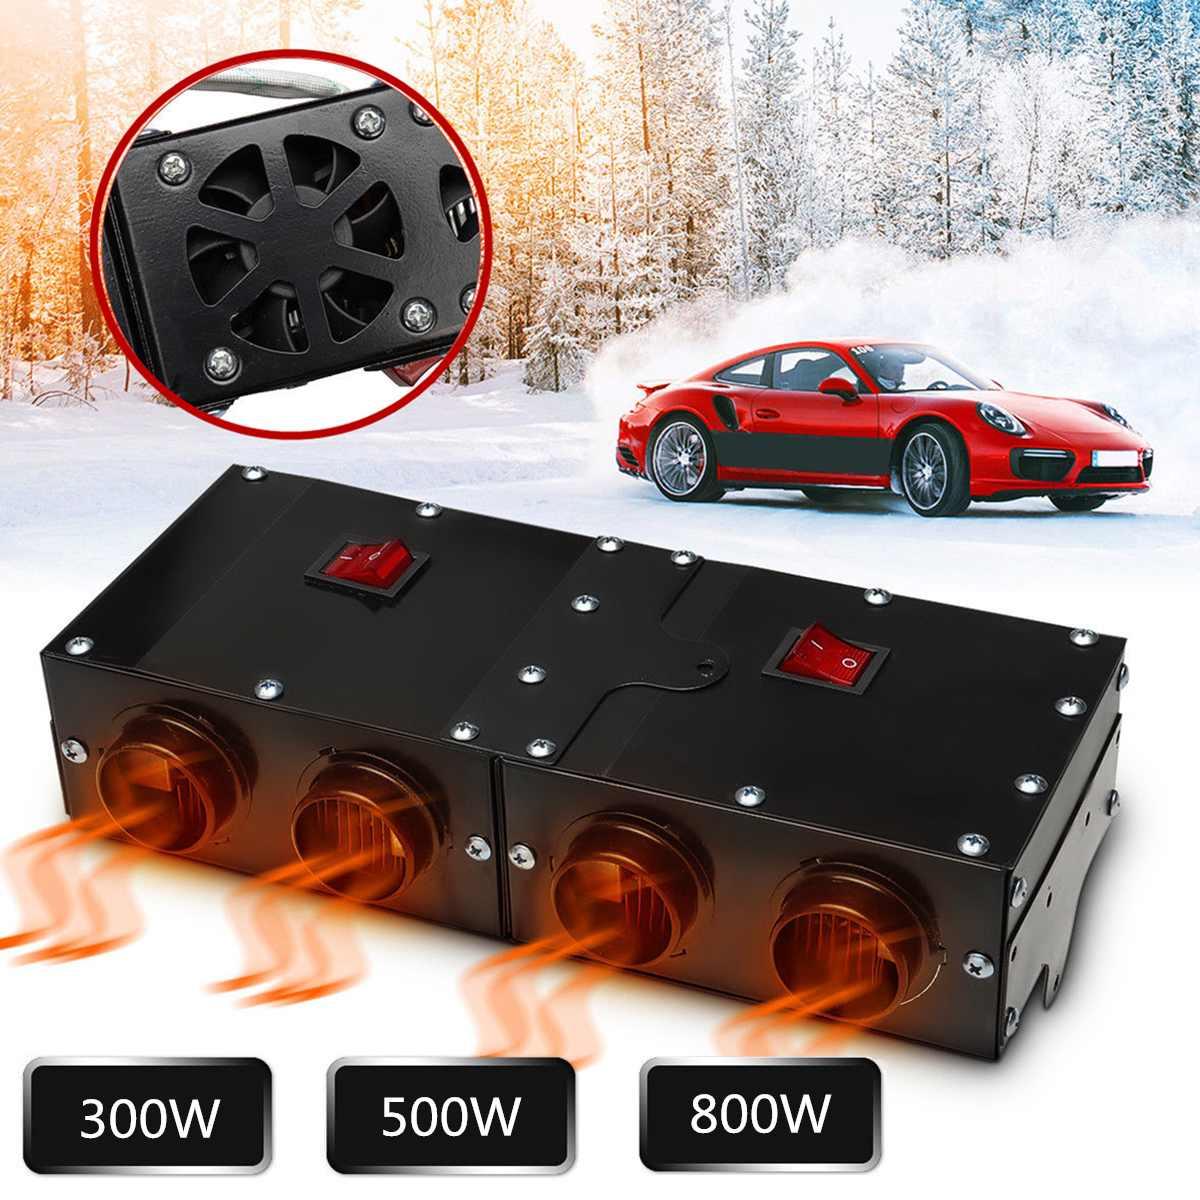 Portable Universel DC 12 V 800 W voiture générateur d'air chaud radiateur de voiture Dégivreur ventilateur électrique Chauffage Pare-Brise Dégivreur antibuée